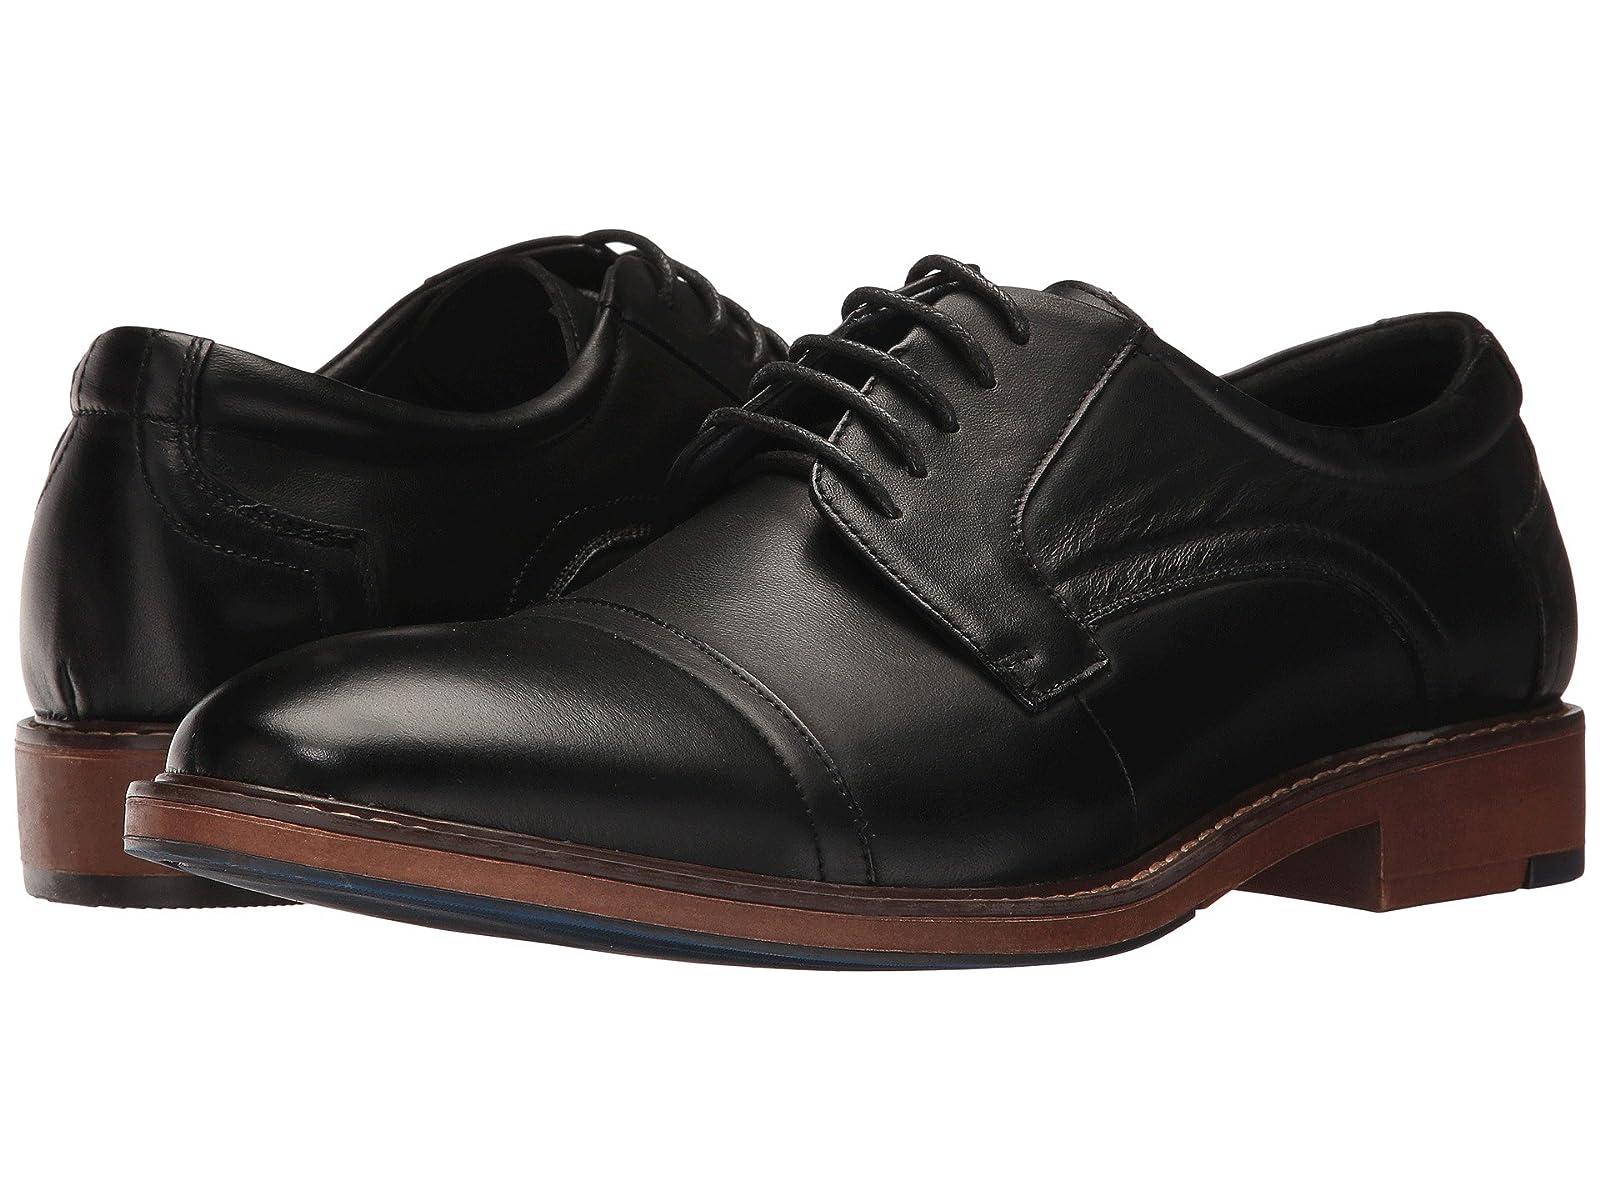 Steve Madden AverieAtmospheric grades have affordable shoes